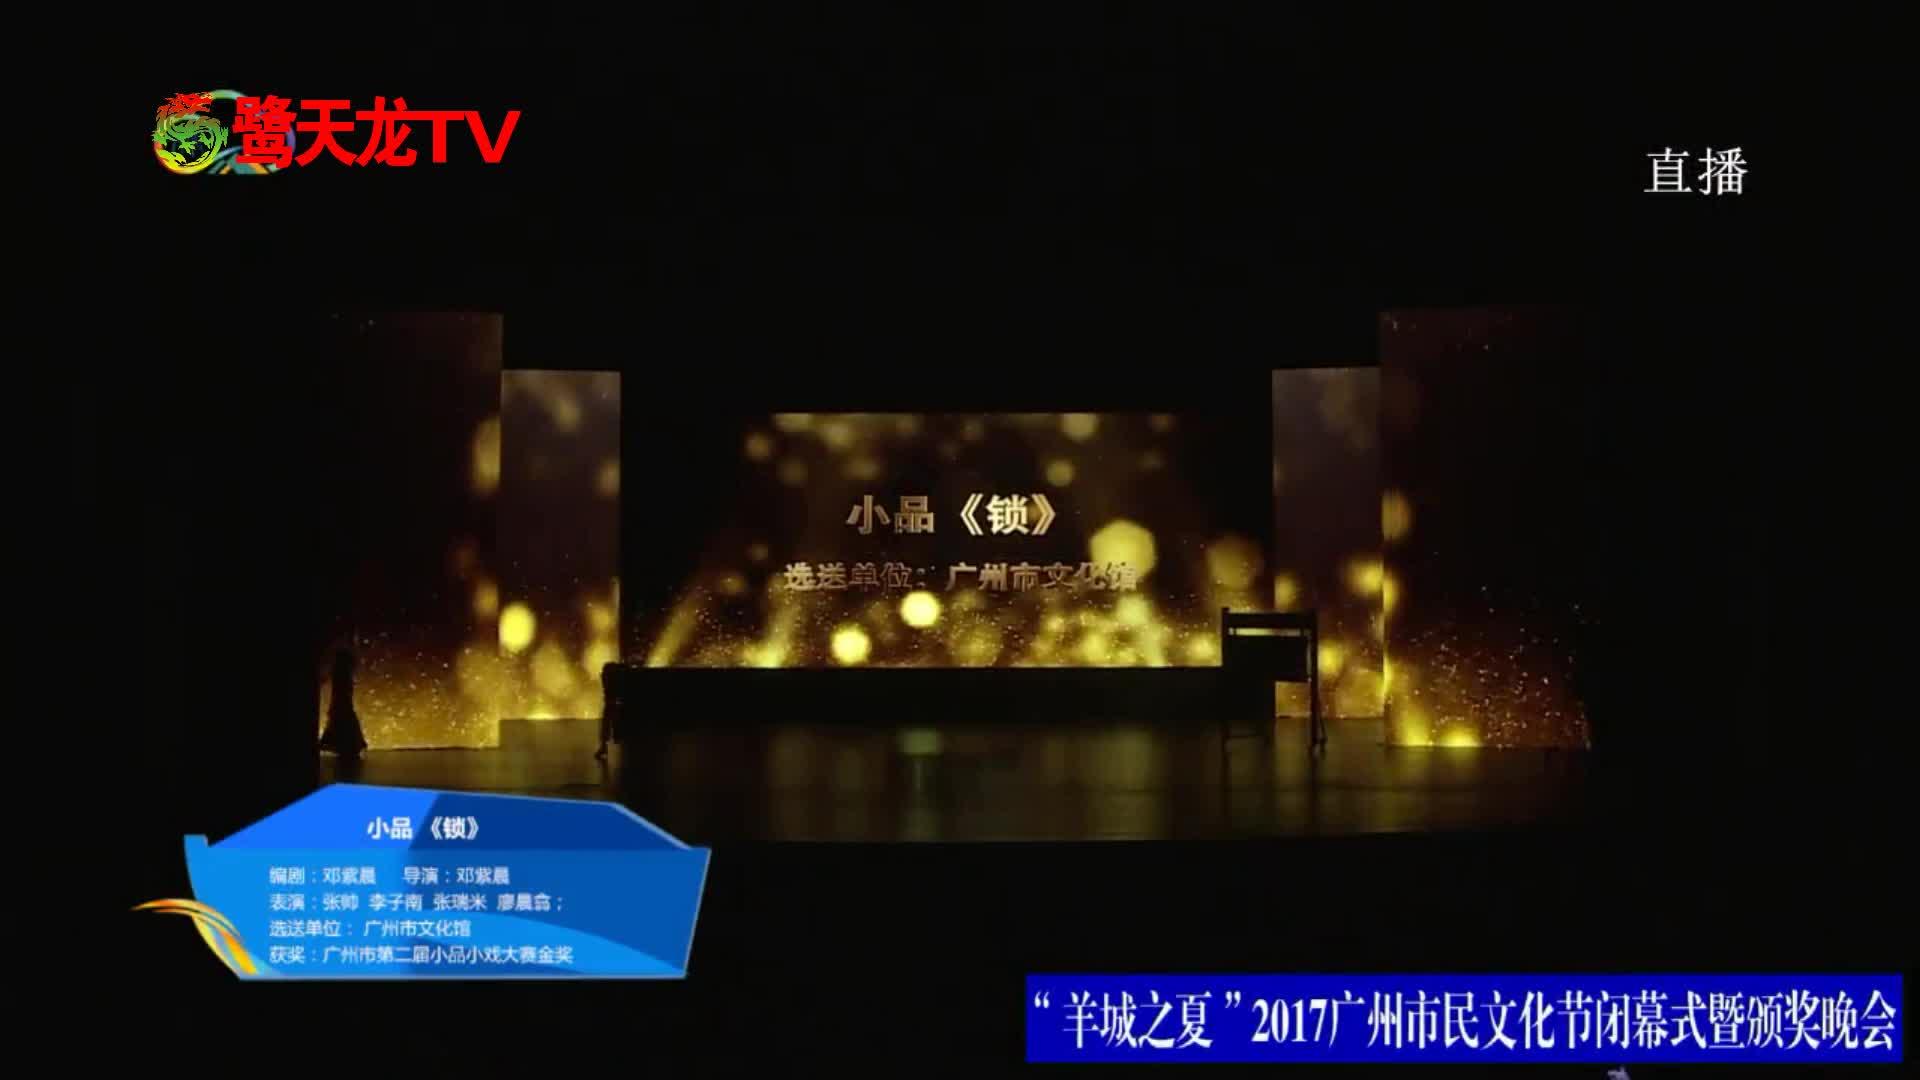 2017广州市民文化节闭幕式暨颁奖晚会-小品《锁》